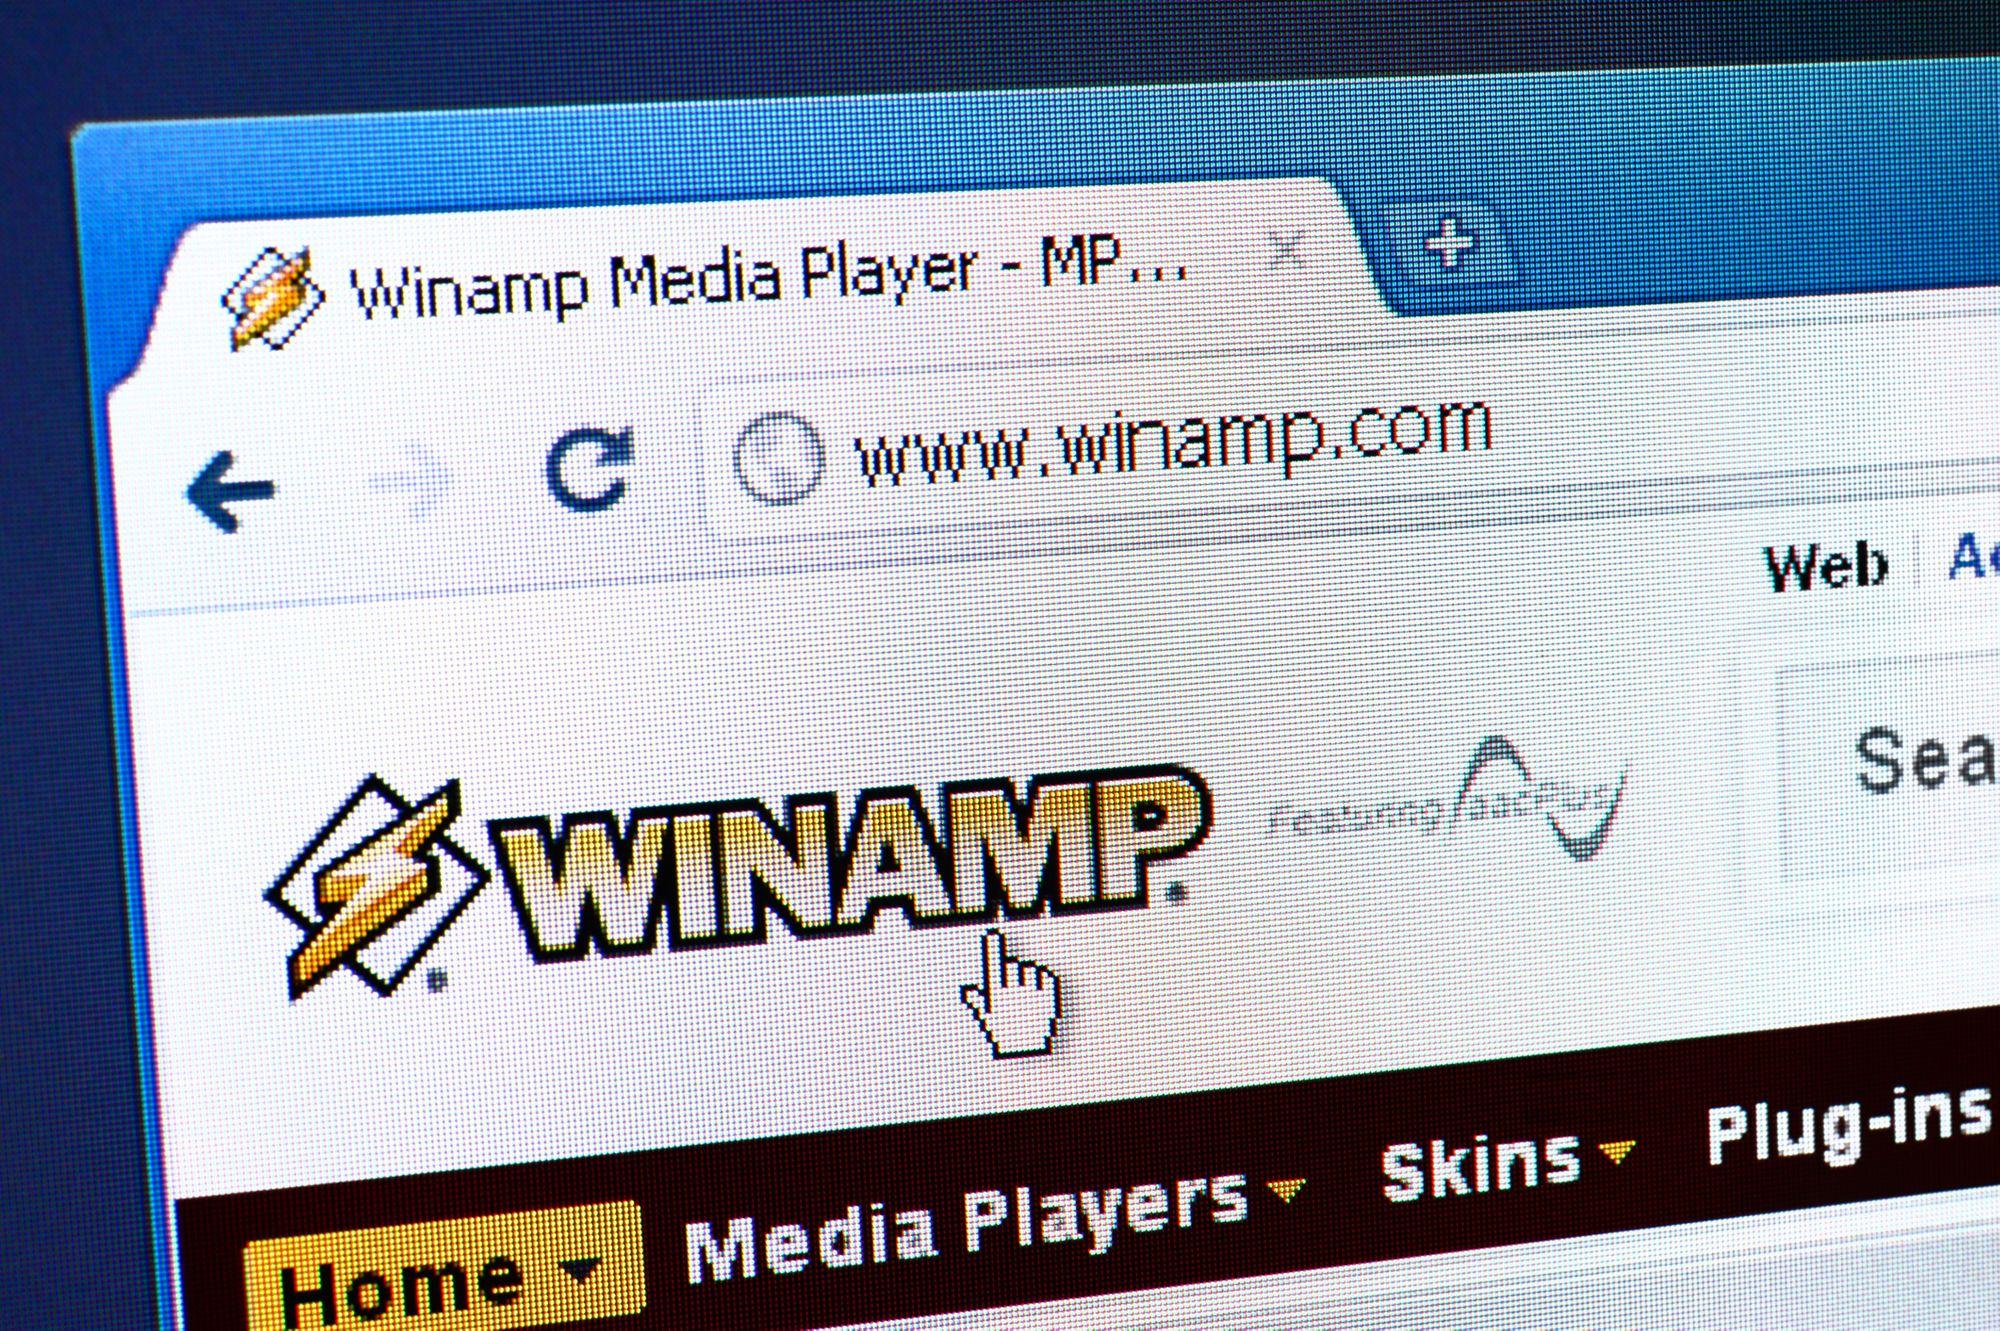 Este museu digital reúne todas as skins do clássico Winamp